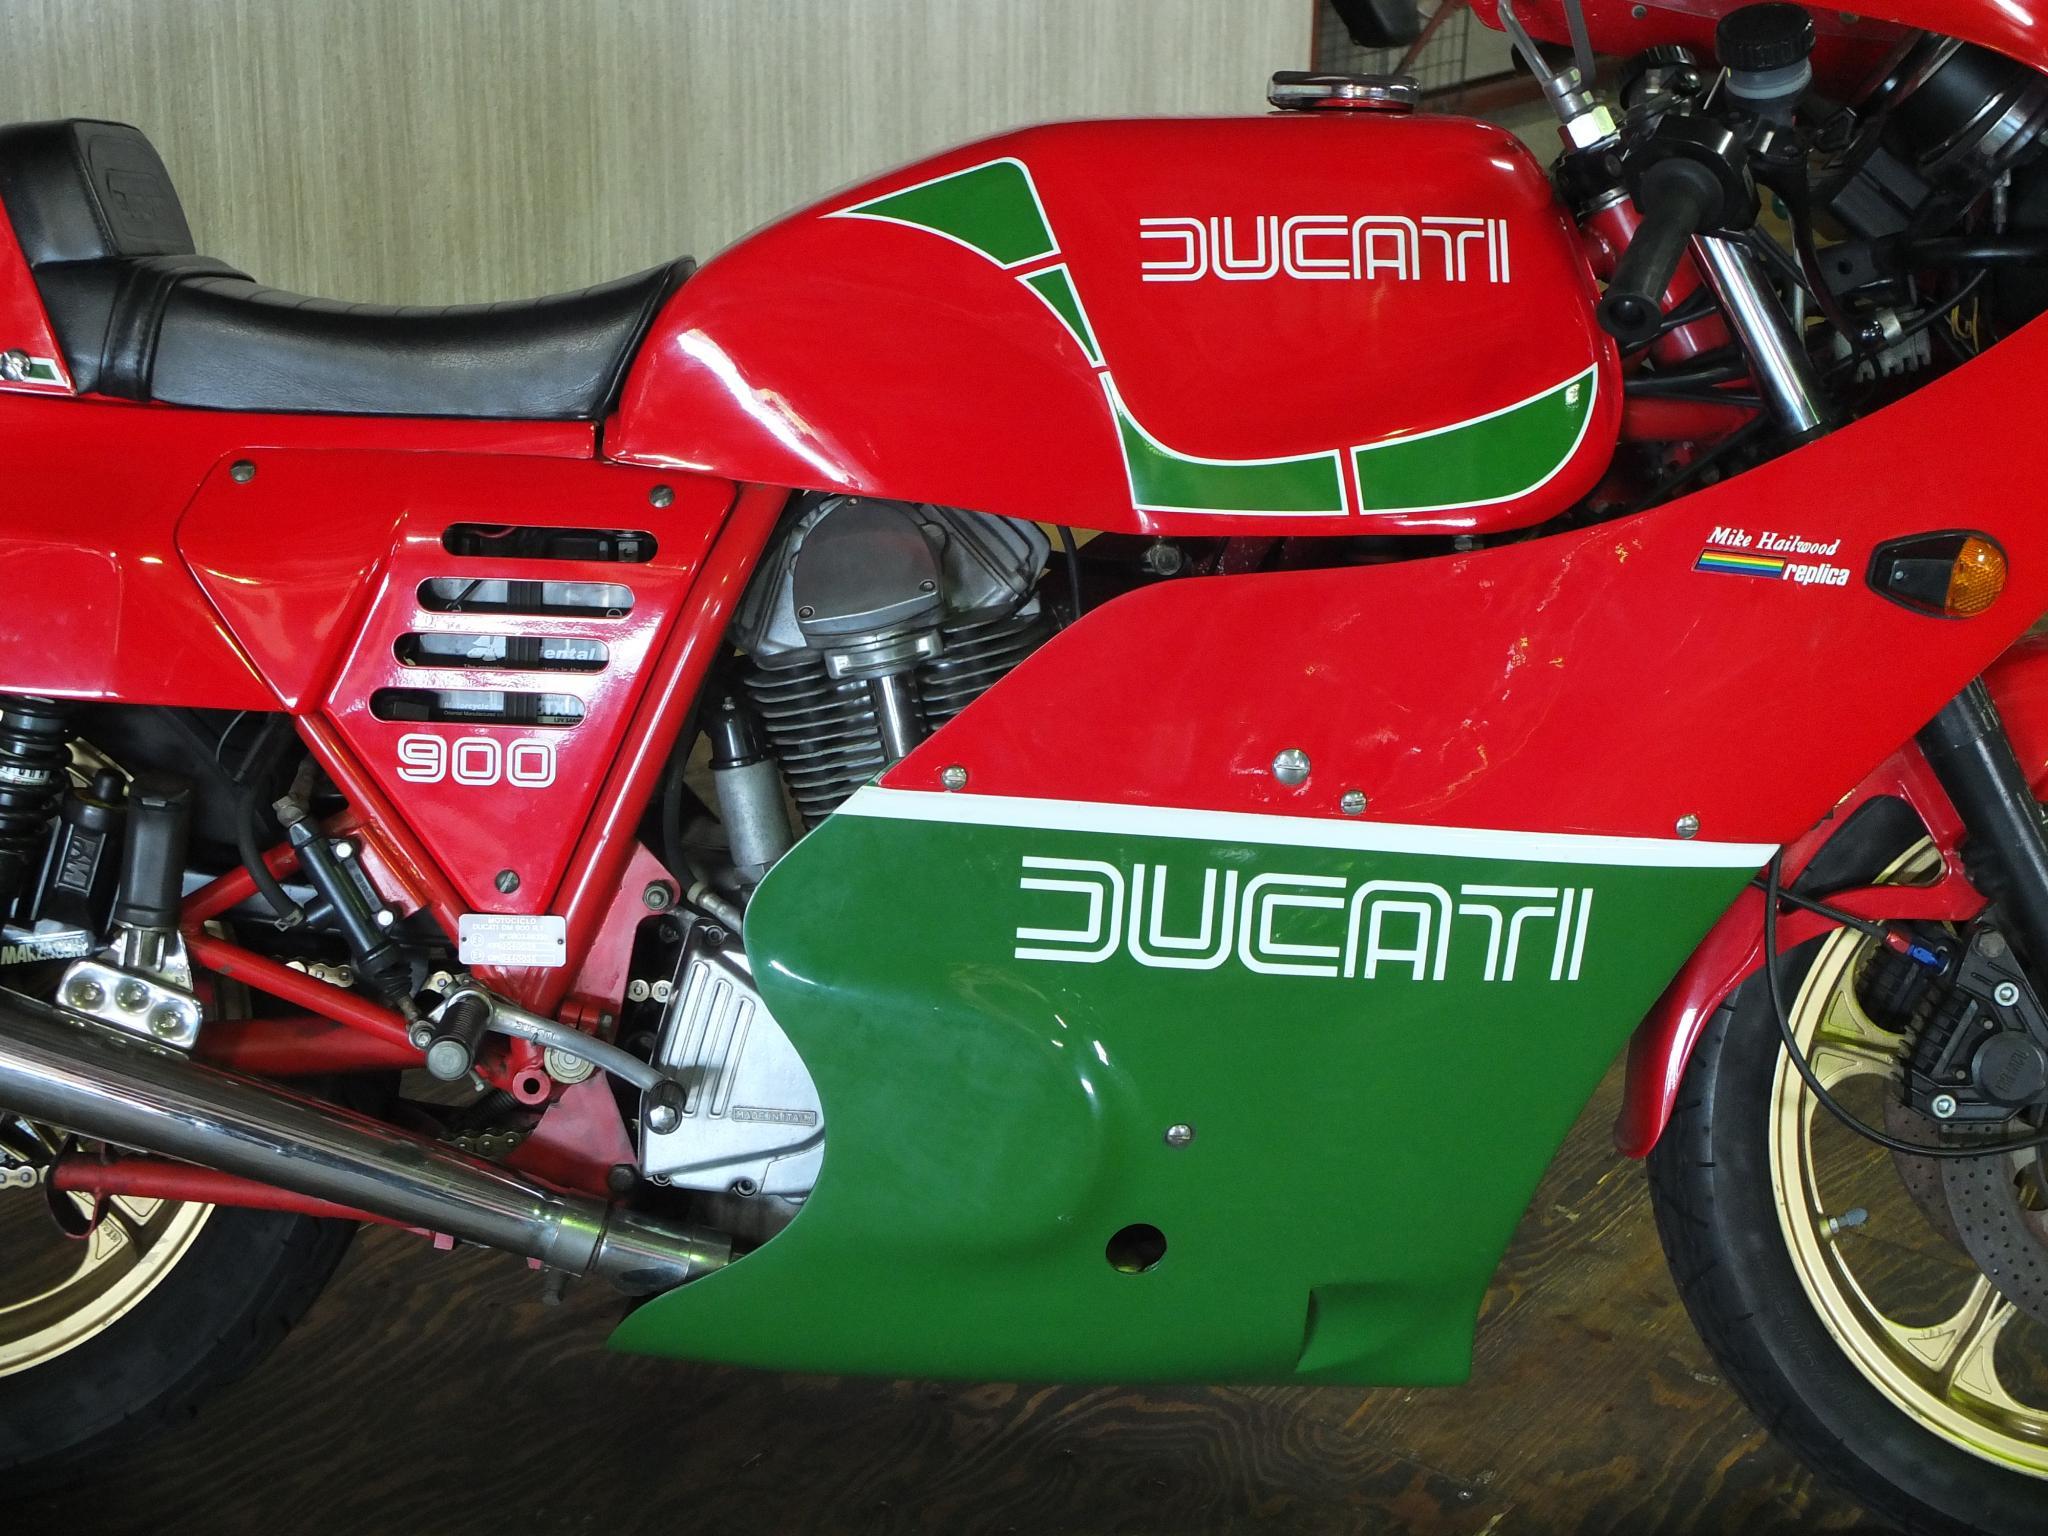 ドゥカティ 1983 Ducati MHR 900 R1 車体写真7